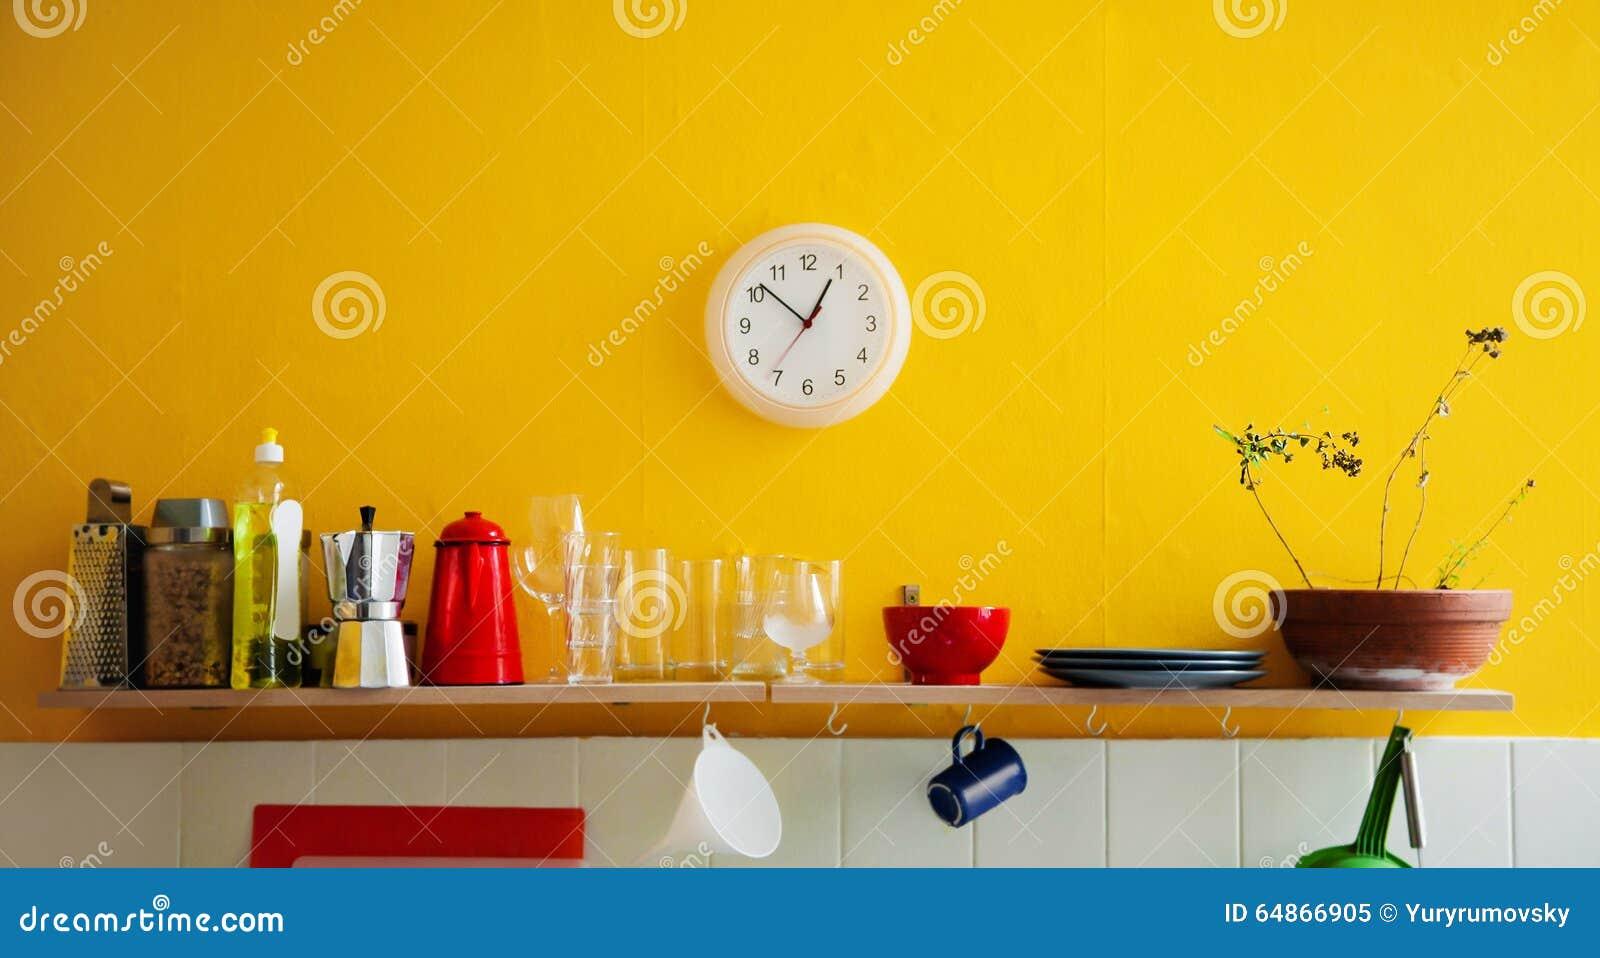 Gele Muurklok In De Keuken Stock Foto - Afbeelding: 64866905